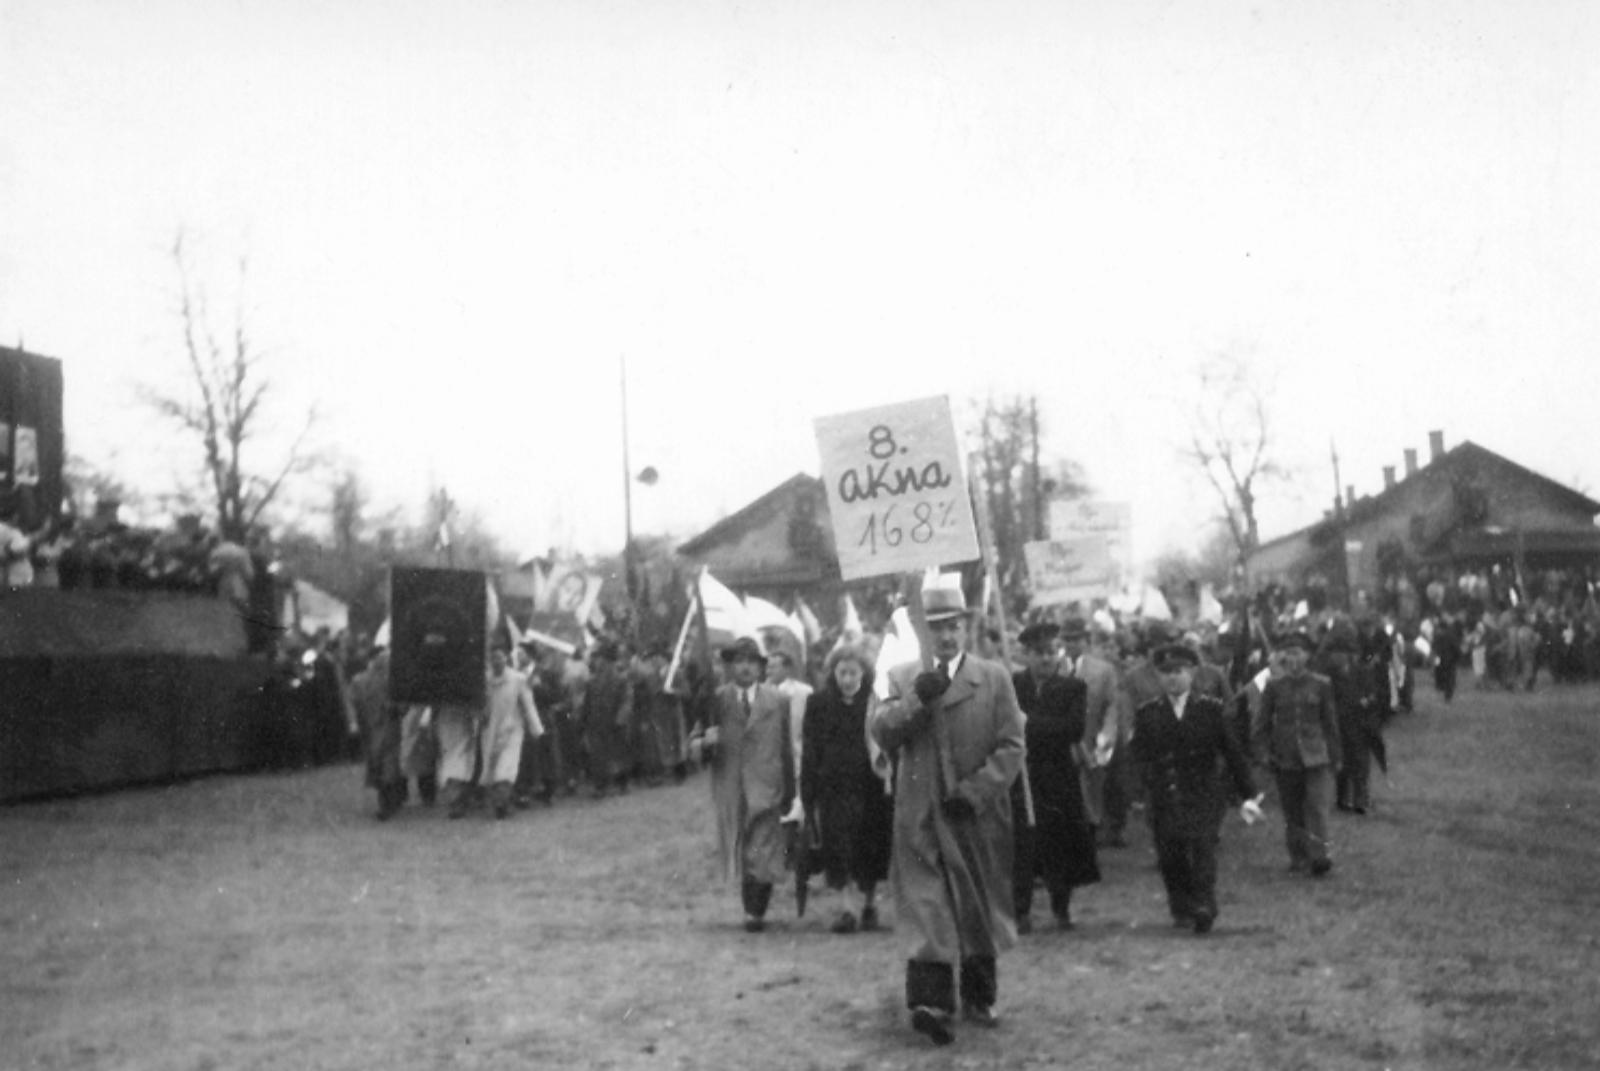 Május 1-jei felvonulás Tatabányán 1946-ban (Forrás: Tatabányai Múzeum)